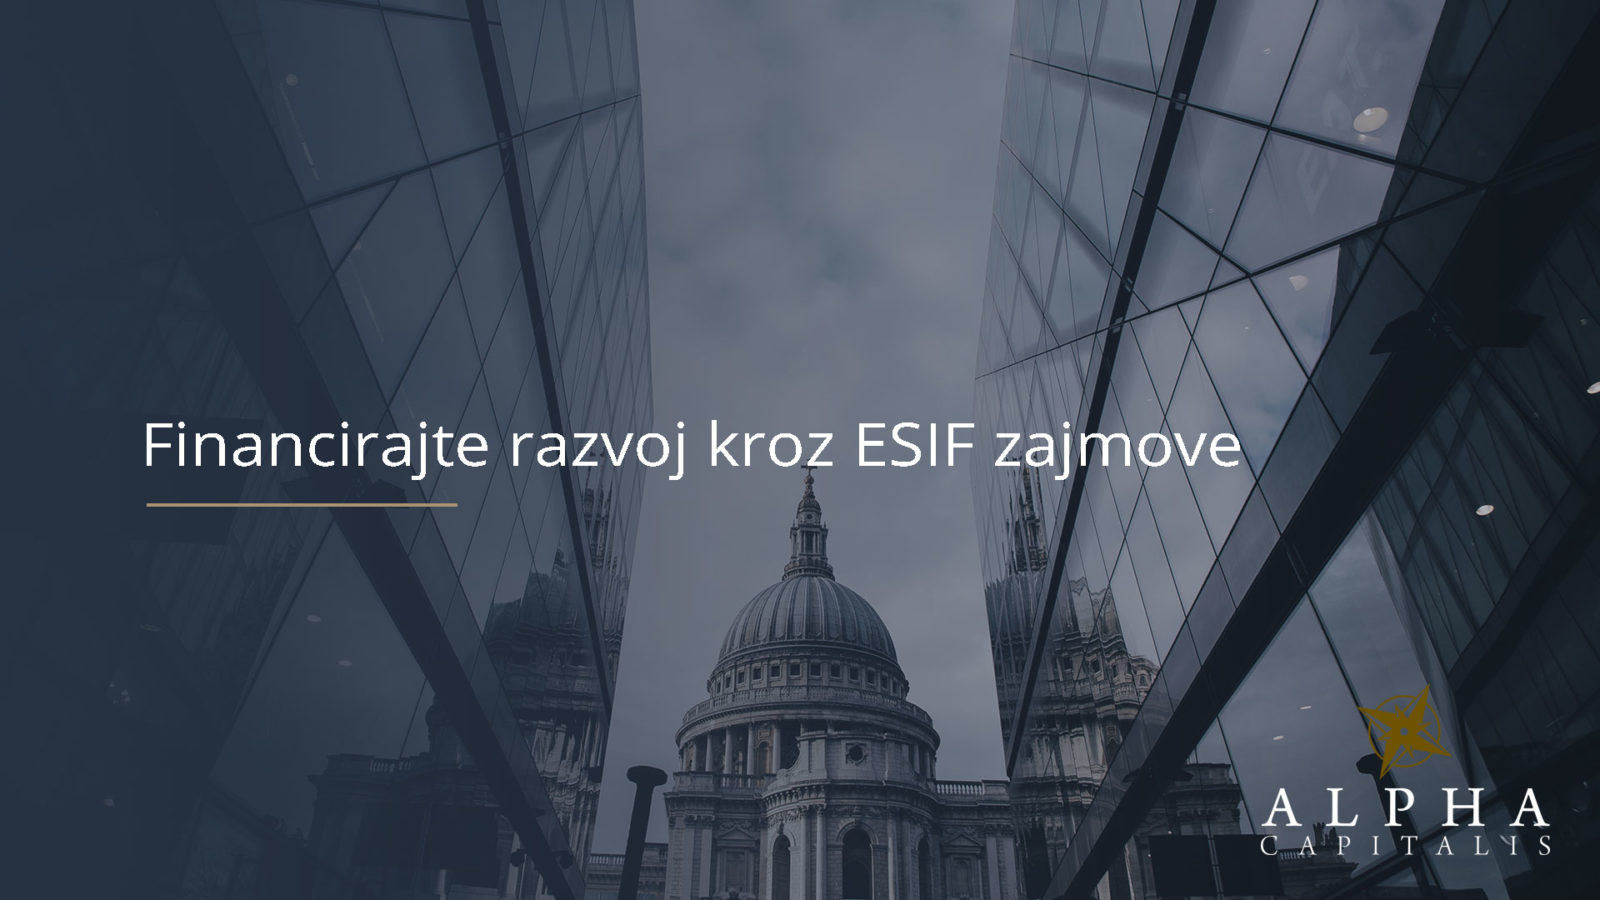 Financirajte razvoj kroz ESIF zajmove - Financirajte razvoj kroz ESIF zajmove